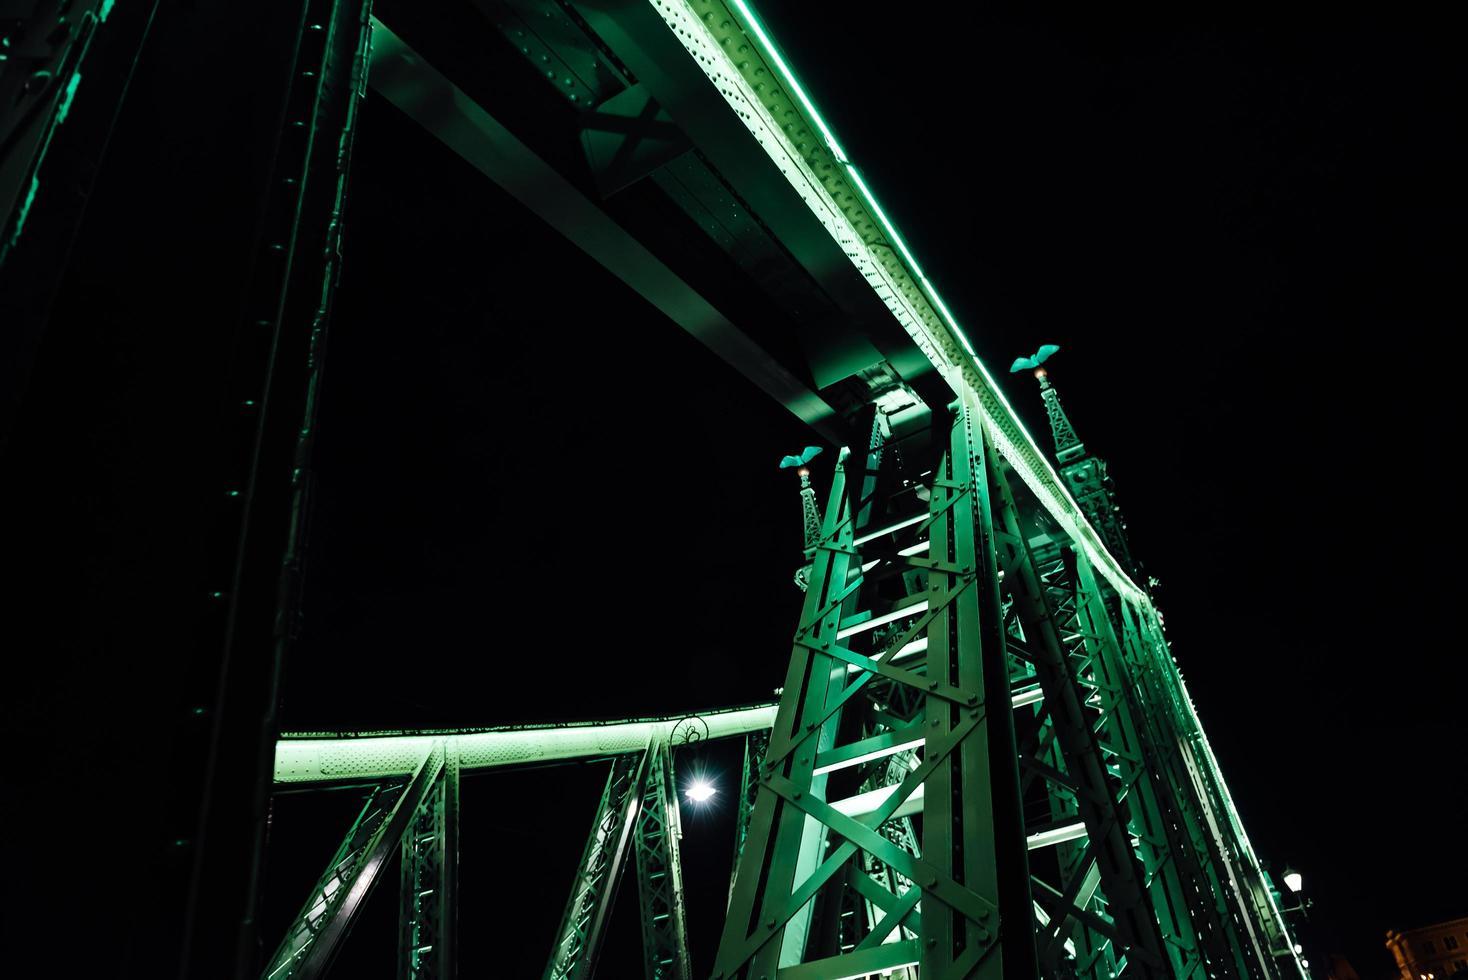 oude ijzeren brug over de Donau in Boedapest foto